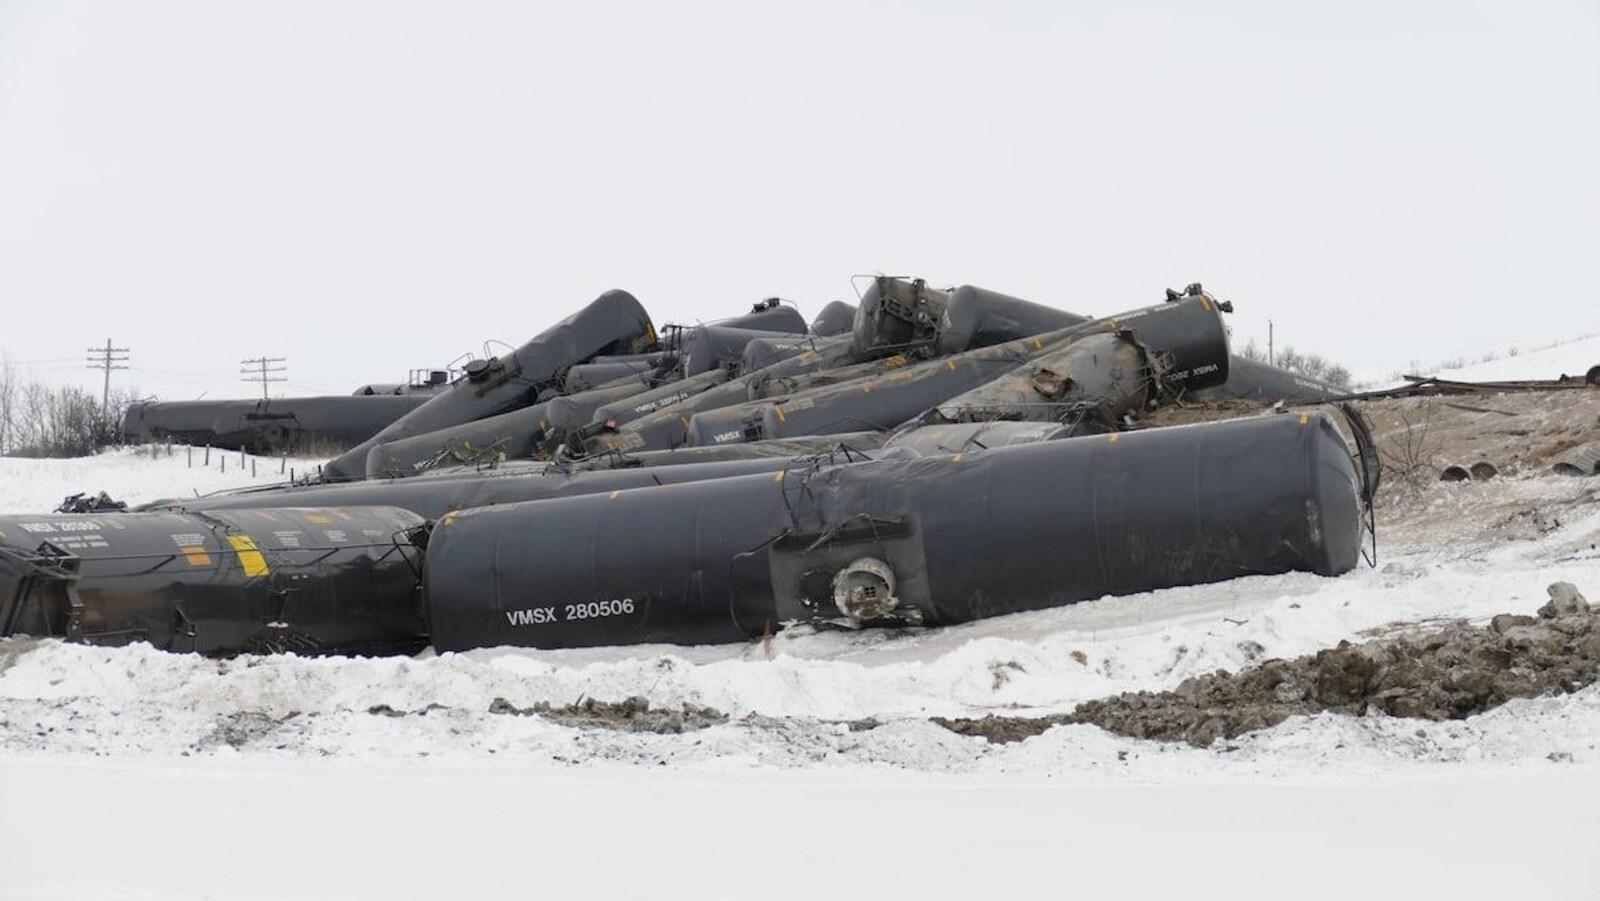 Des wagons de pétrole couchés au sol après avoir déraillé.